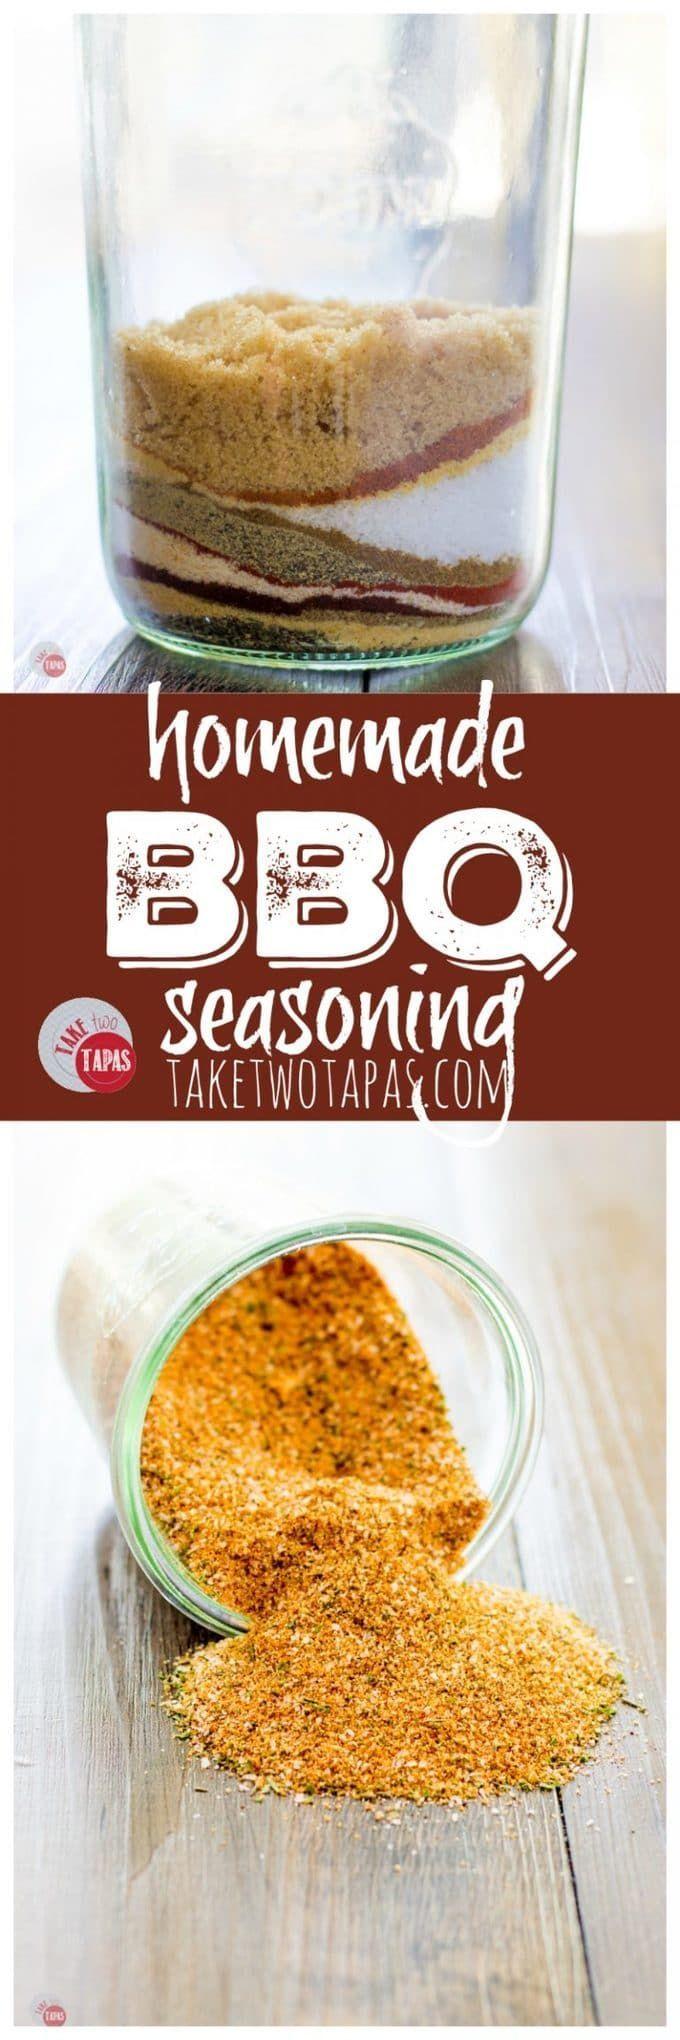 Homemade Rub BBQ Seasoning Mix | Take Two Tapas